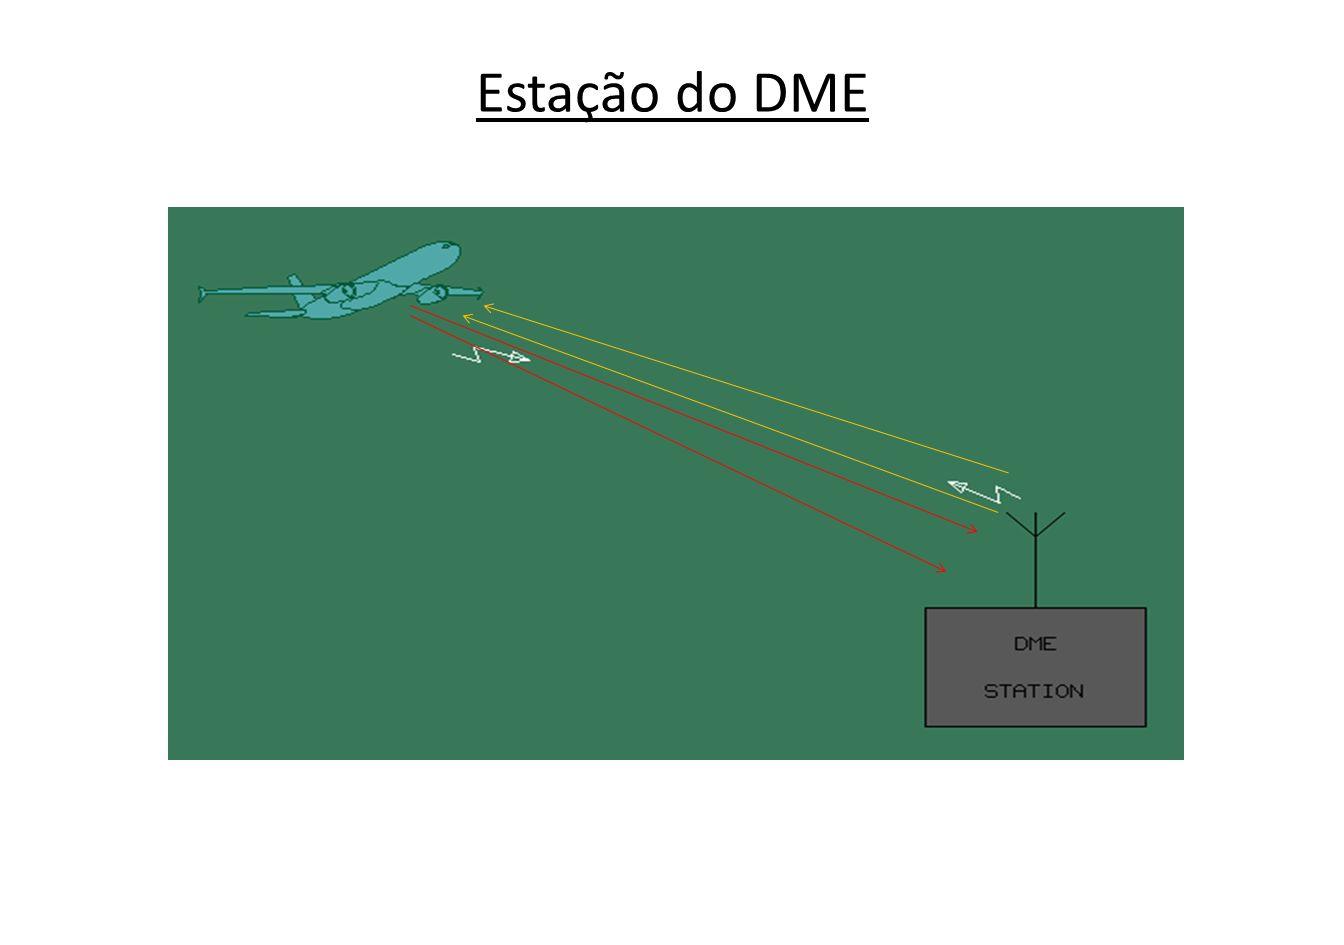 Estação do DME